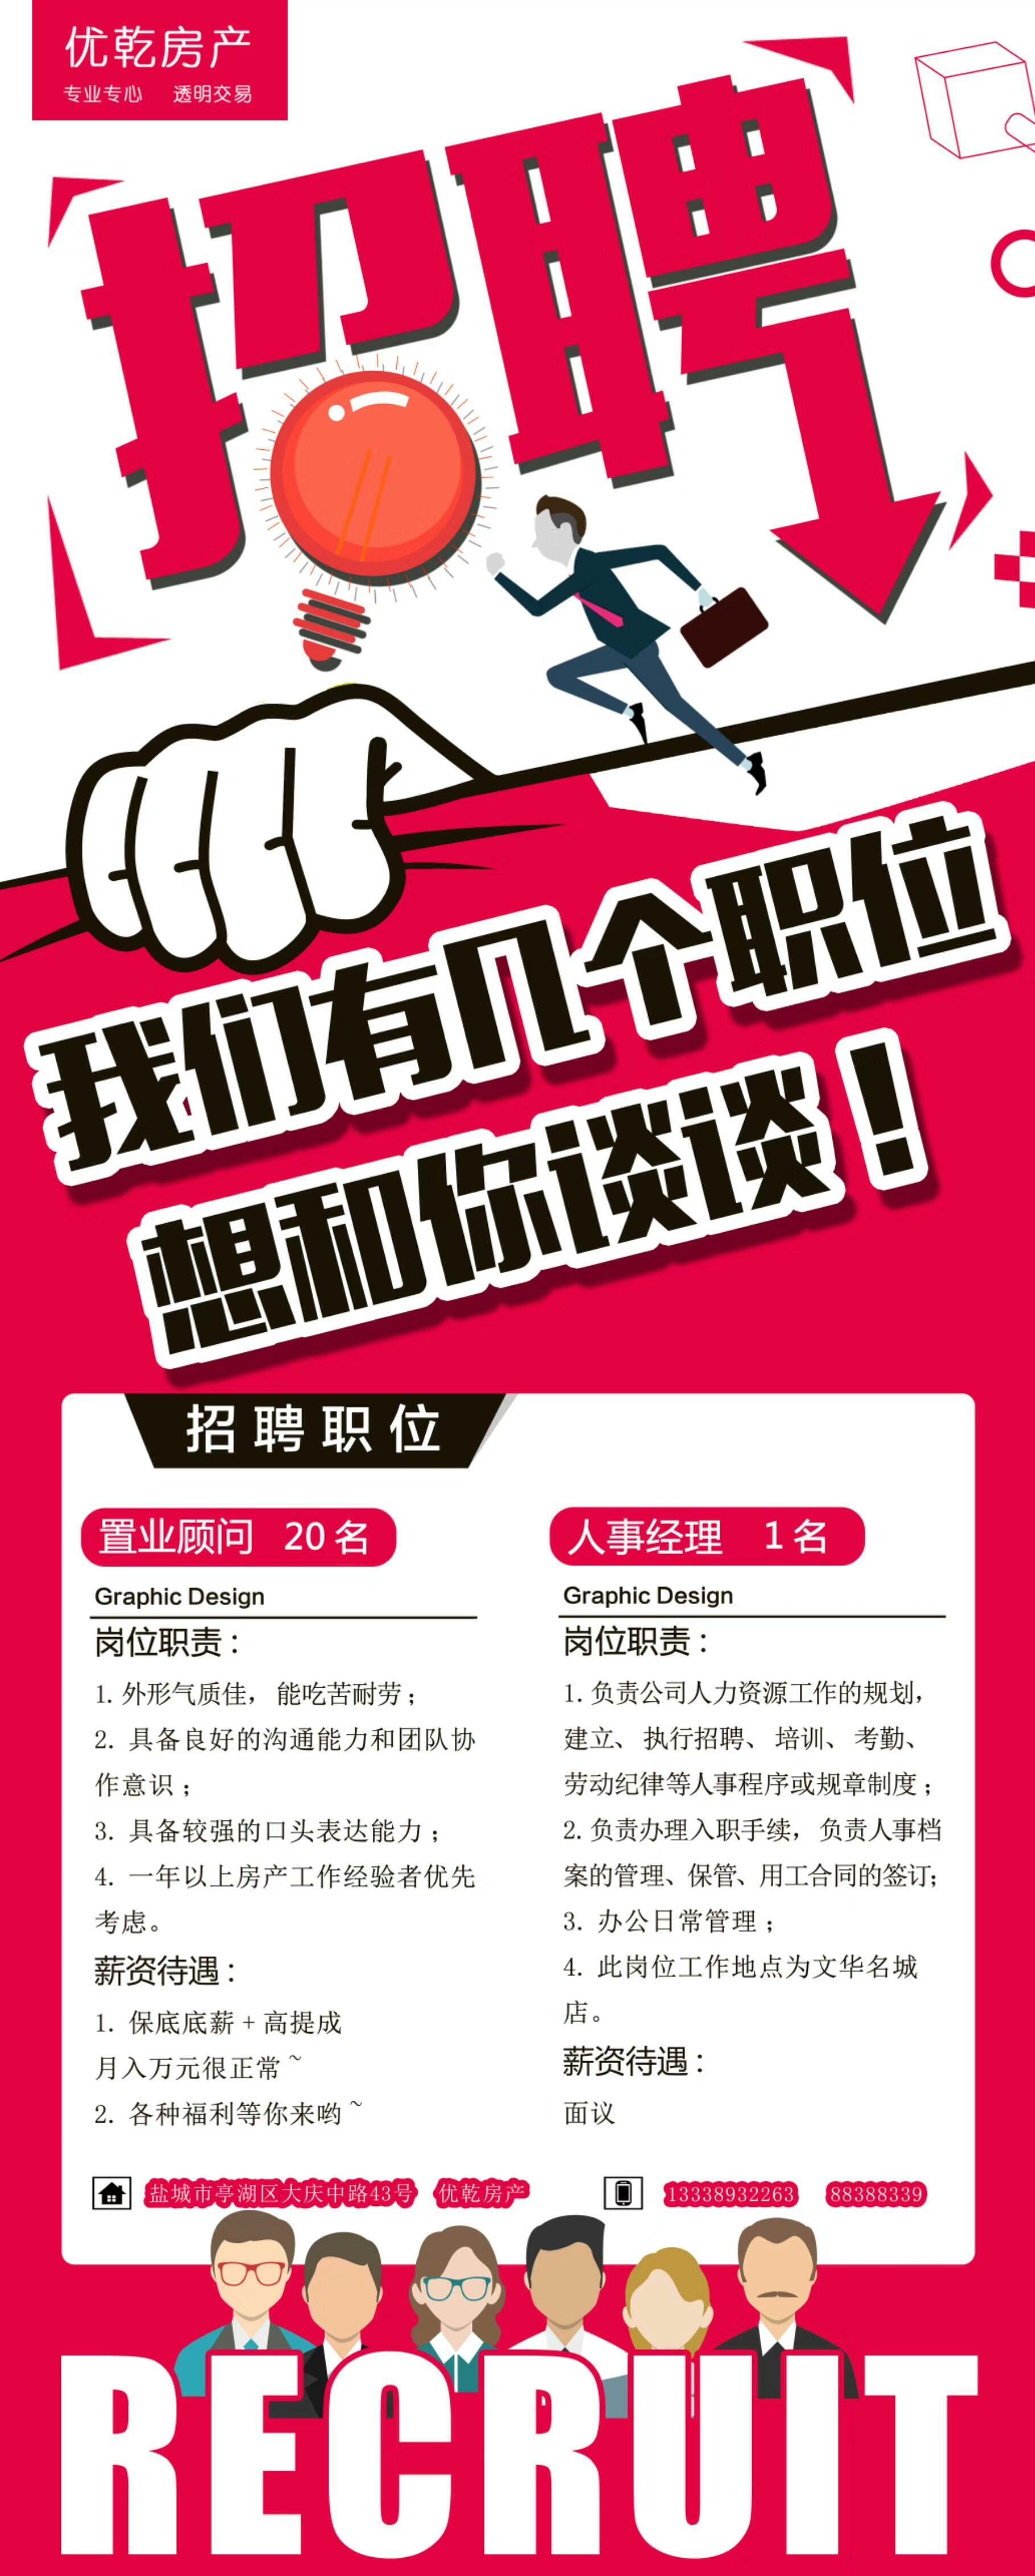 台湾uu裸聊app